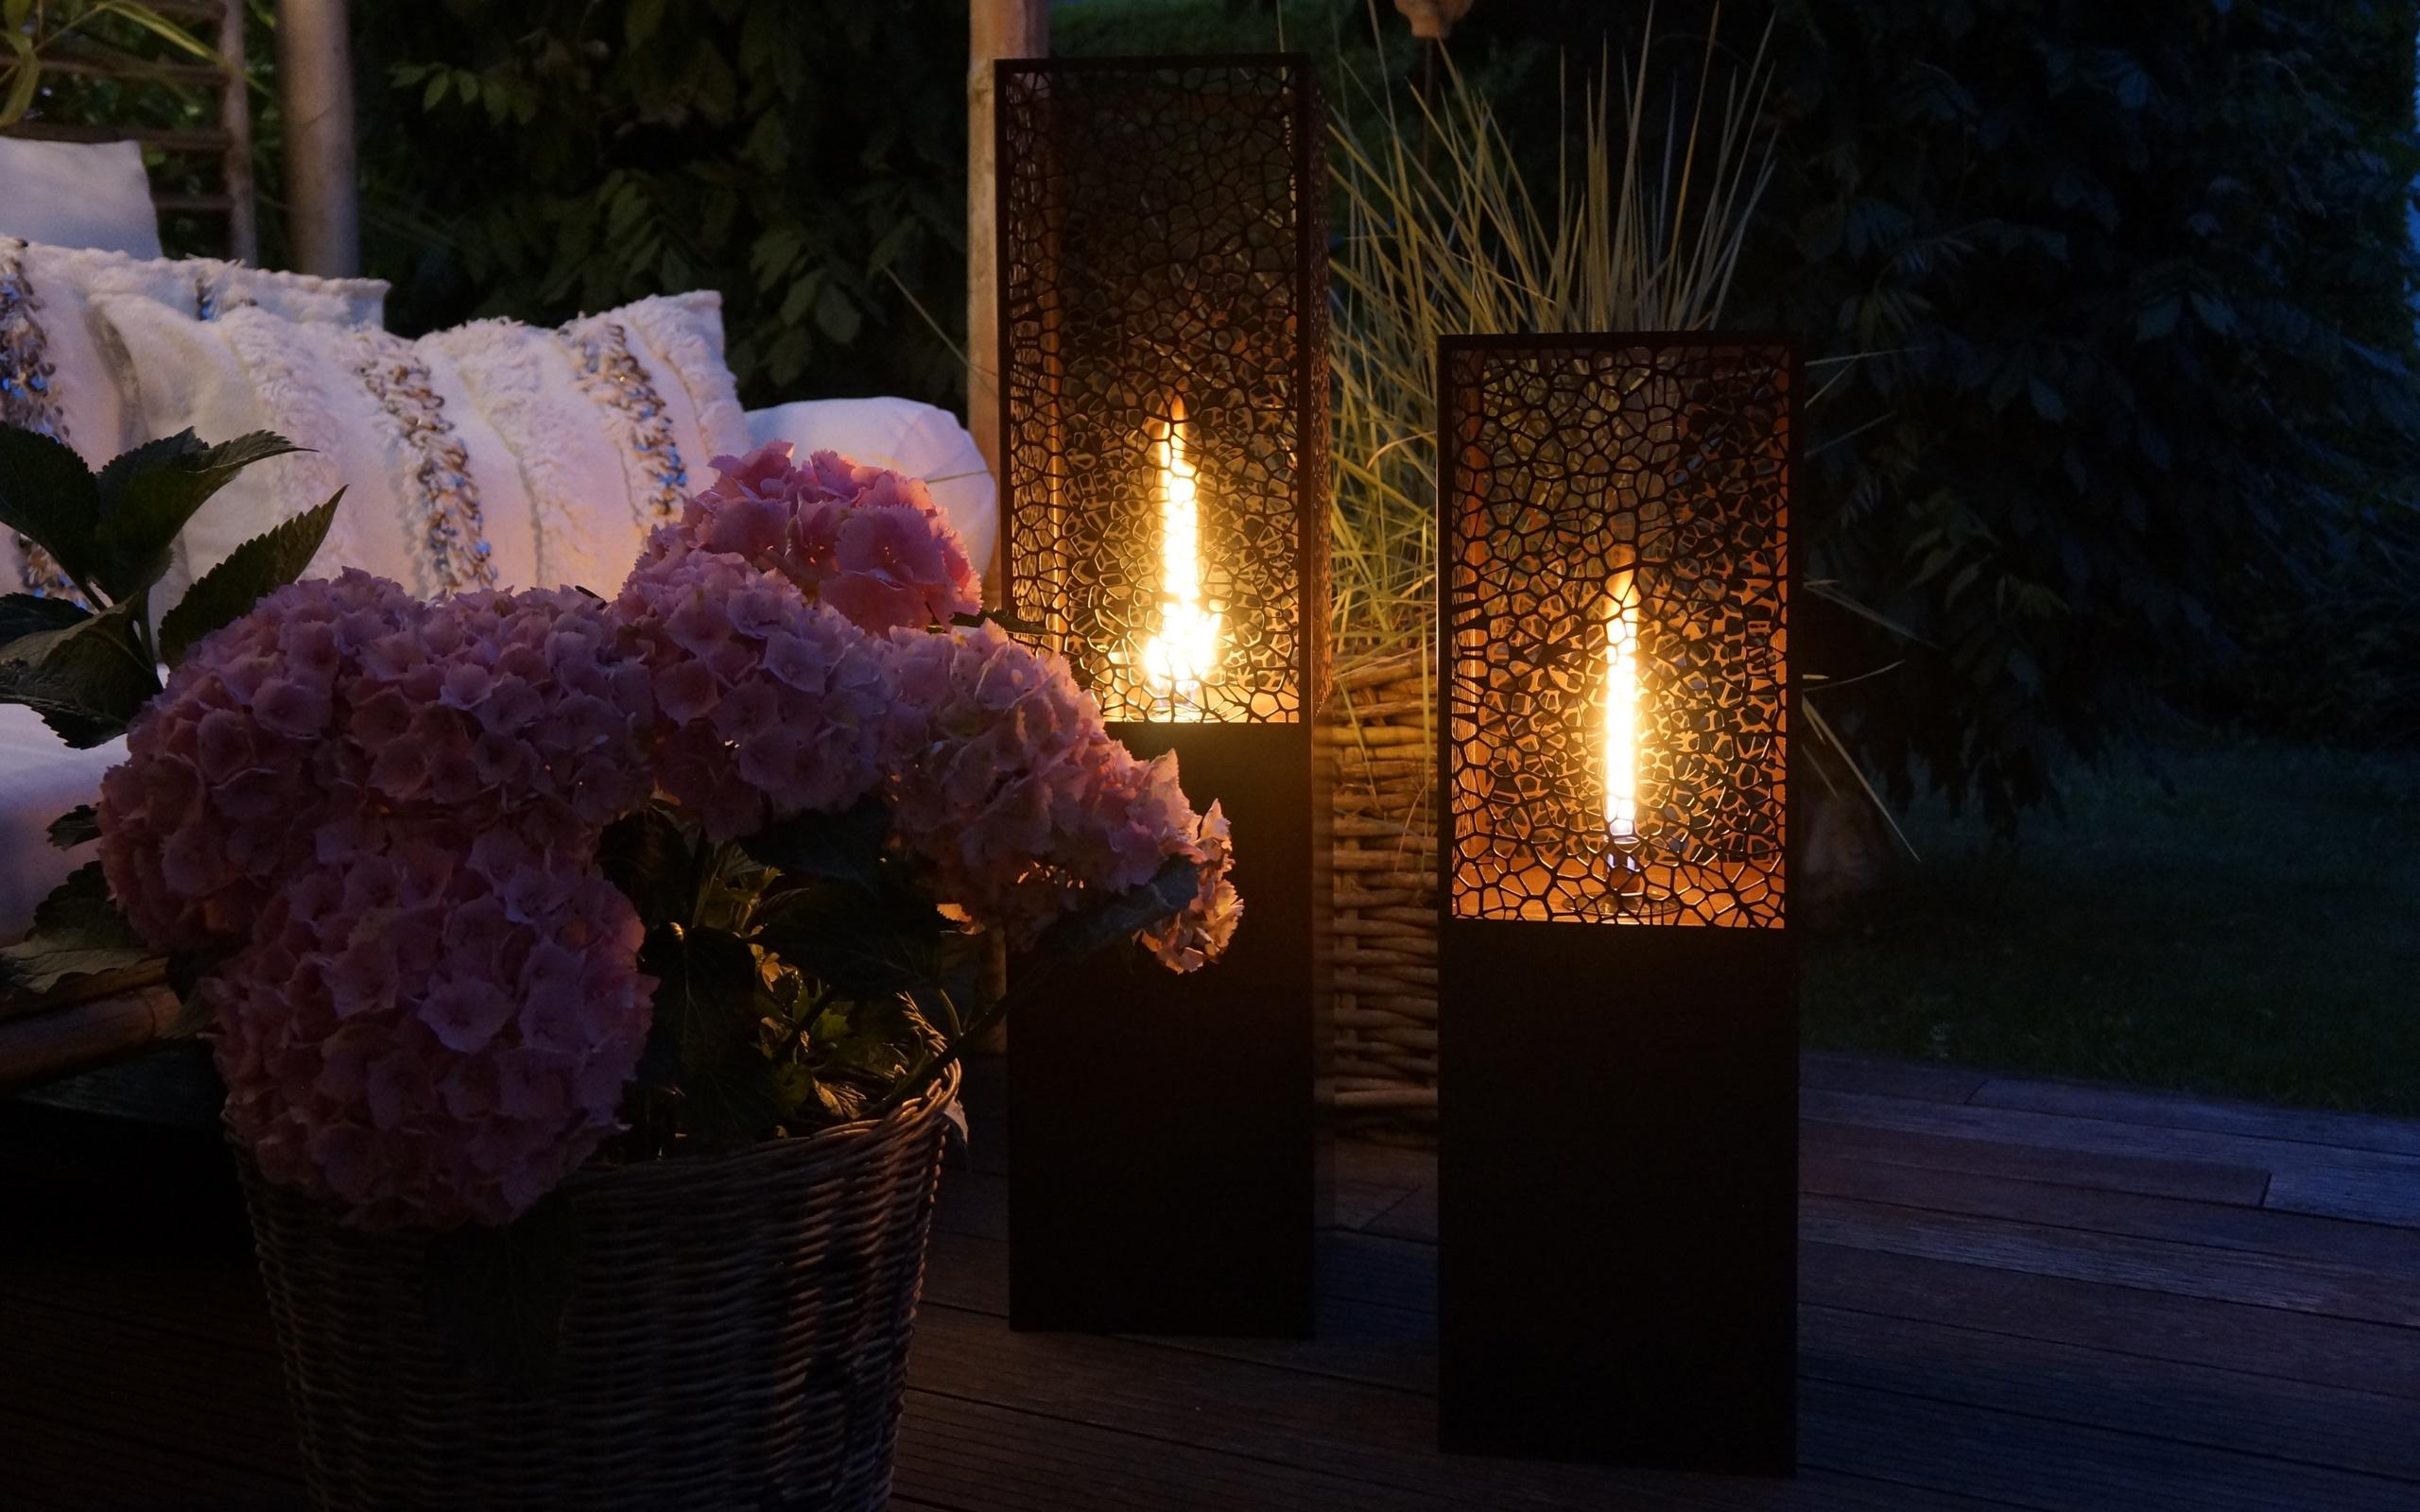 Gartenbeleuchtung mit Oellampen - Feu du Jardin